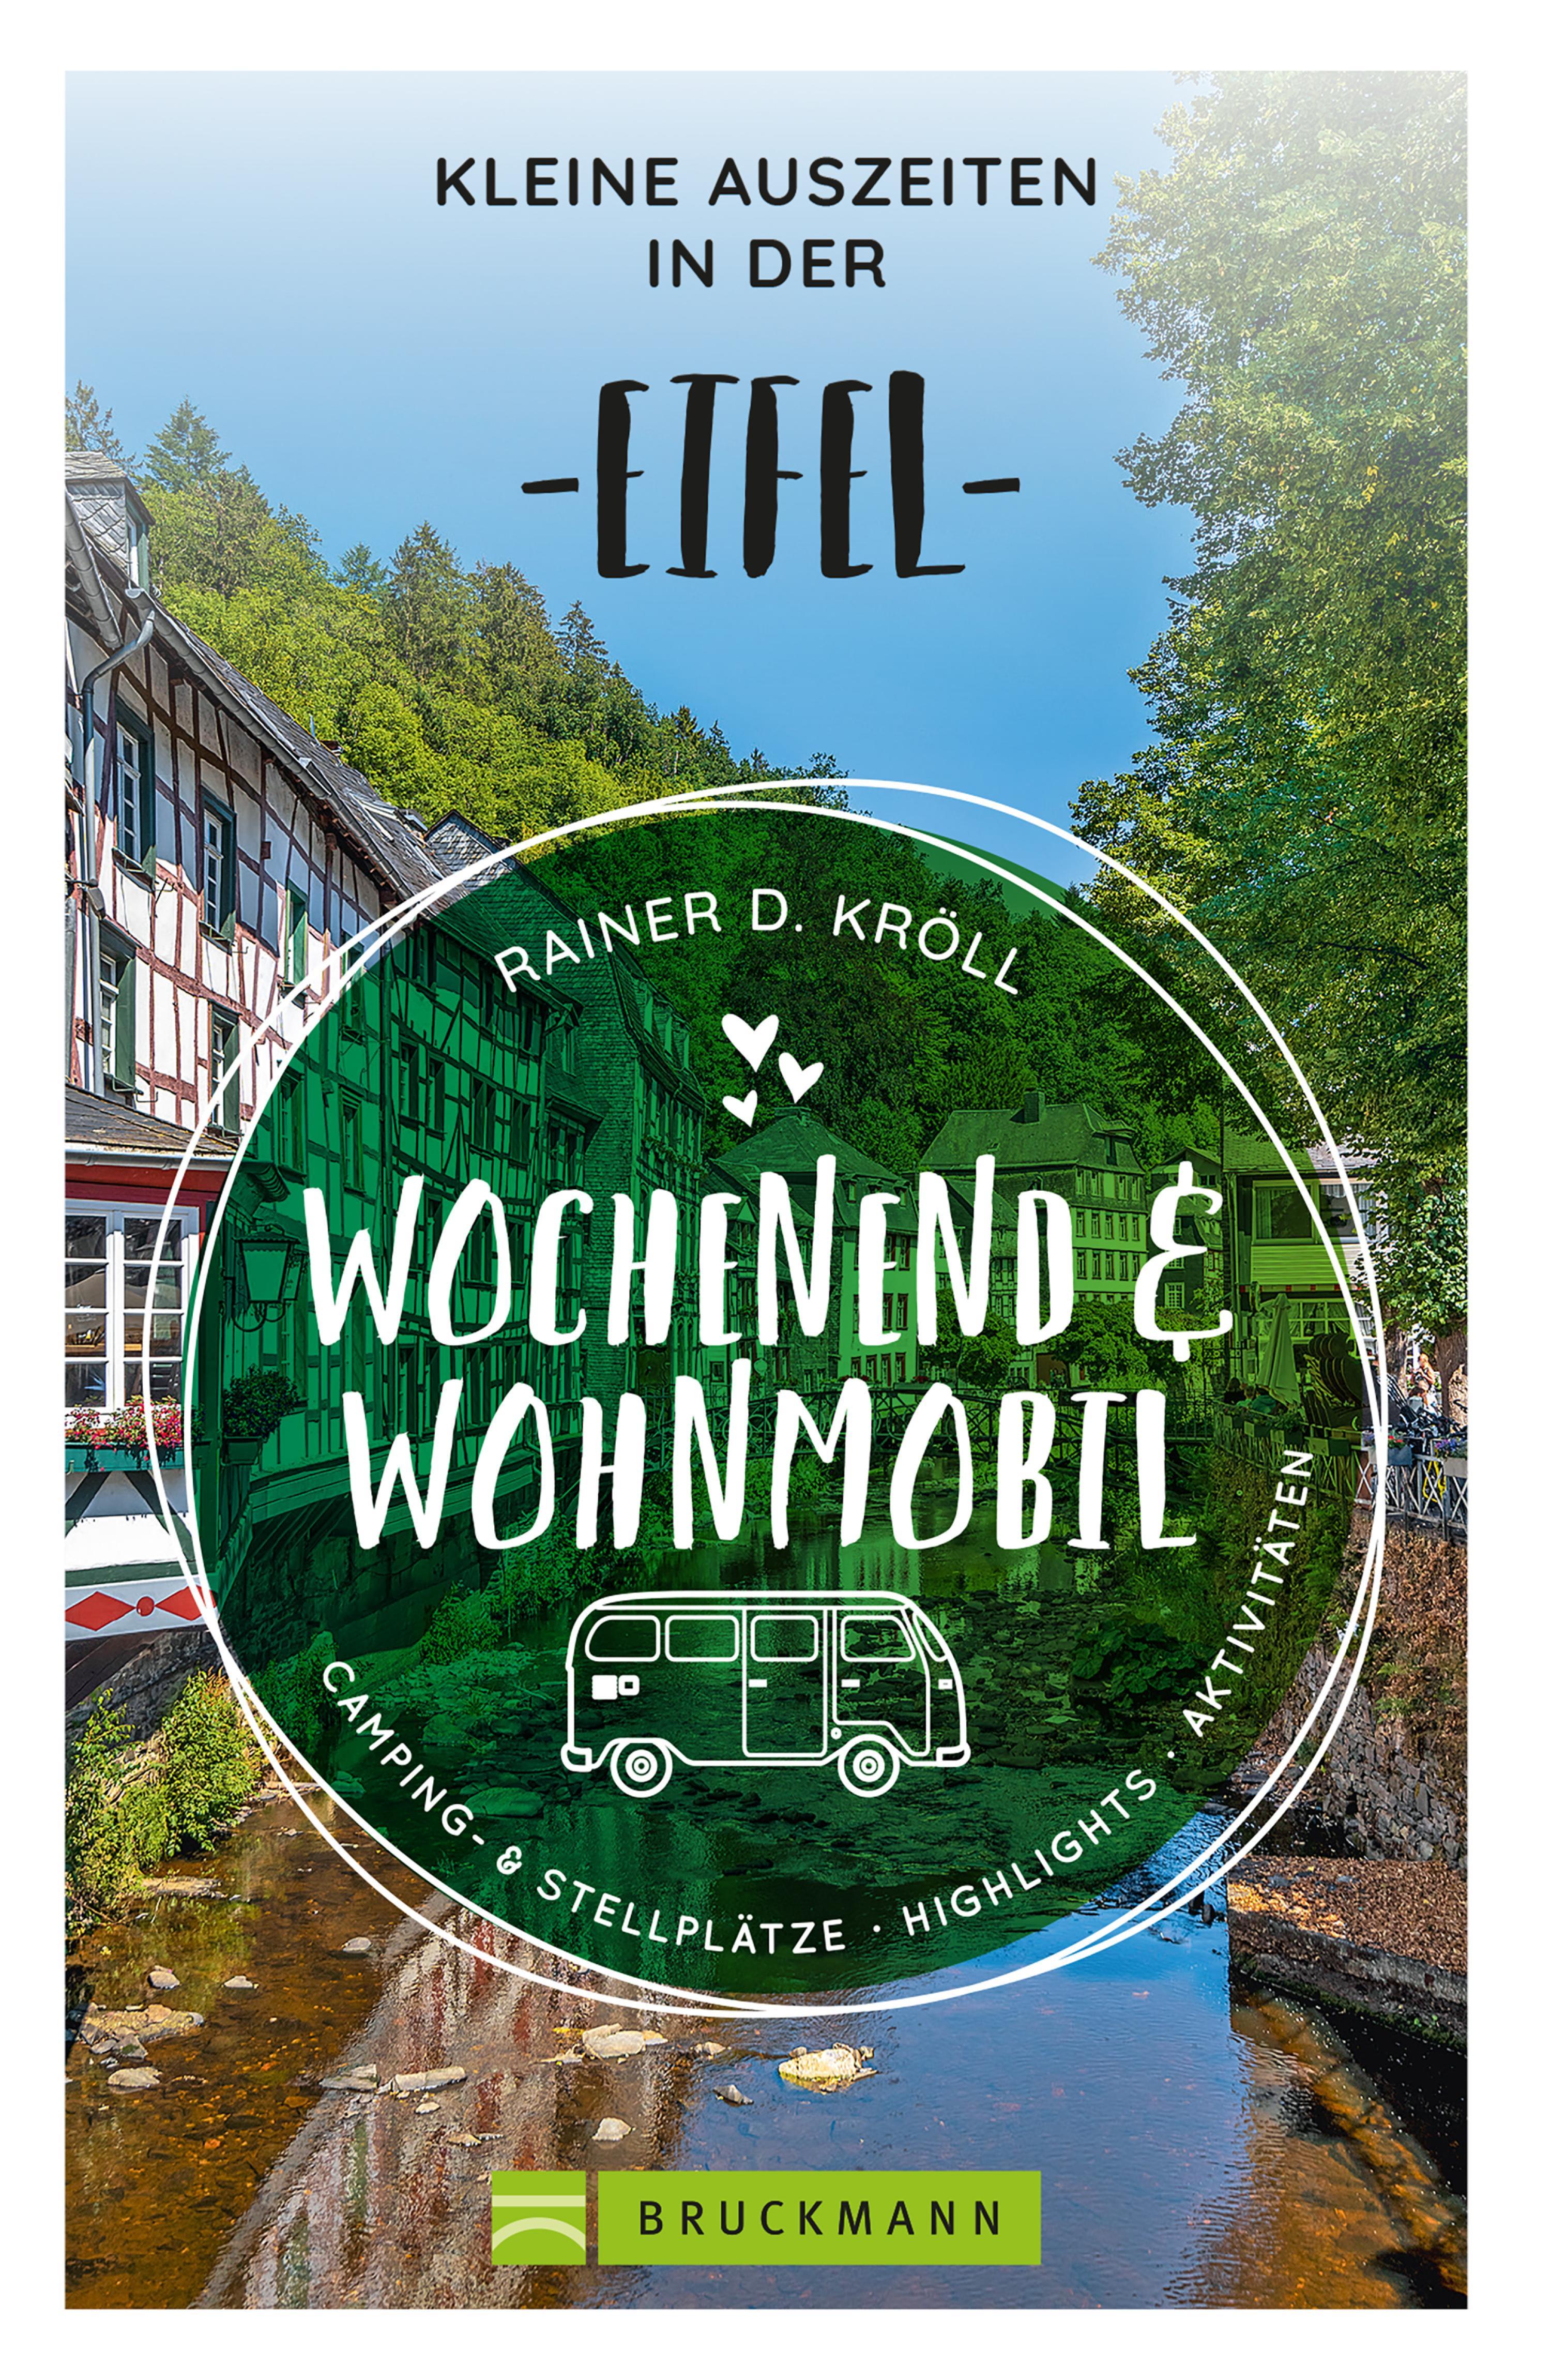 Wochenend und Wohnmobil - Kleine Auszeiten in der Eifel